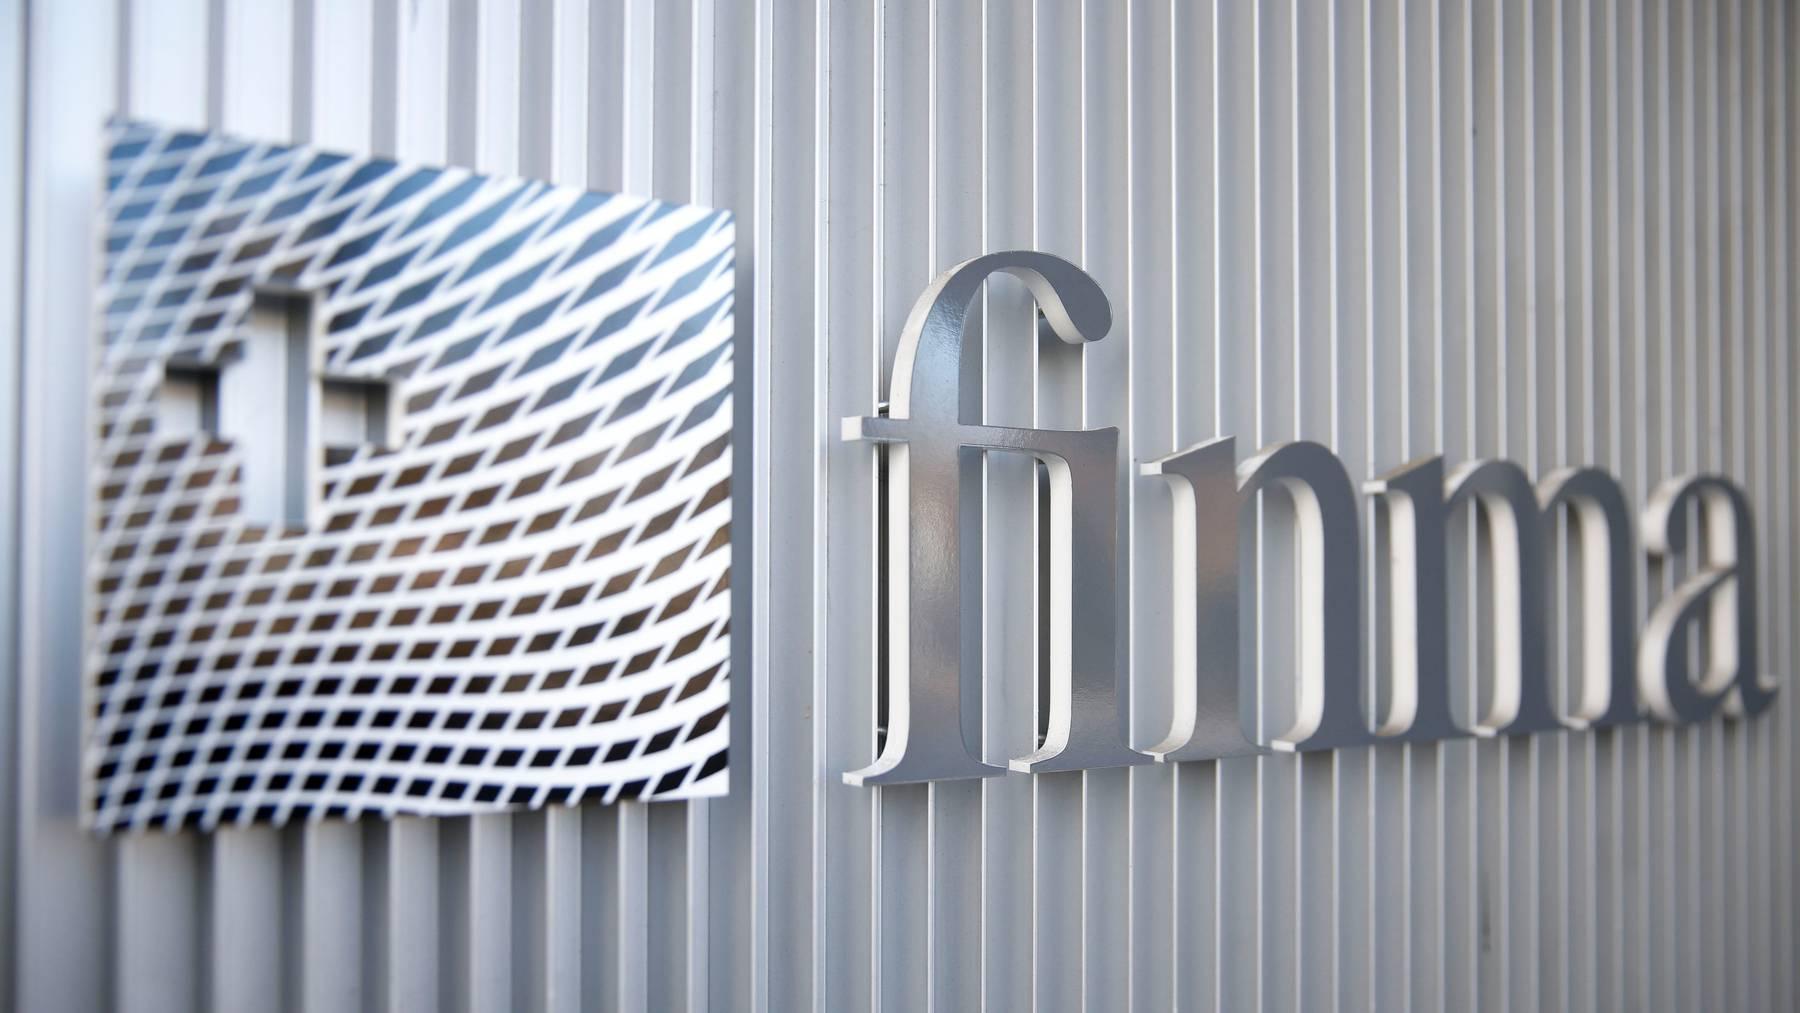 Die Finanzmarktaufsicht konfisziert 730'000 Franken an unrechtmässig erzieltem Gewinn.